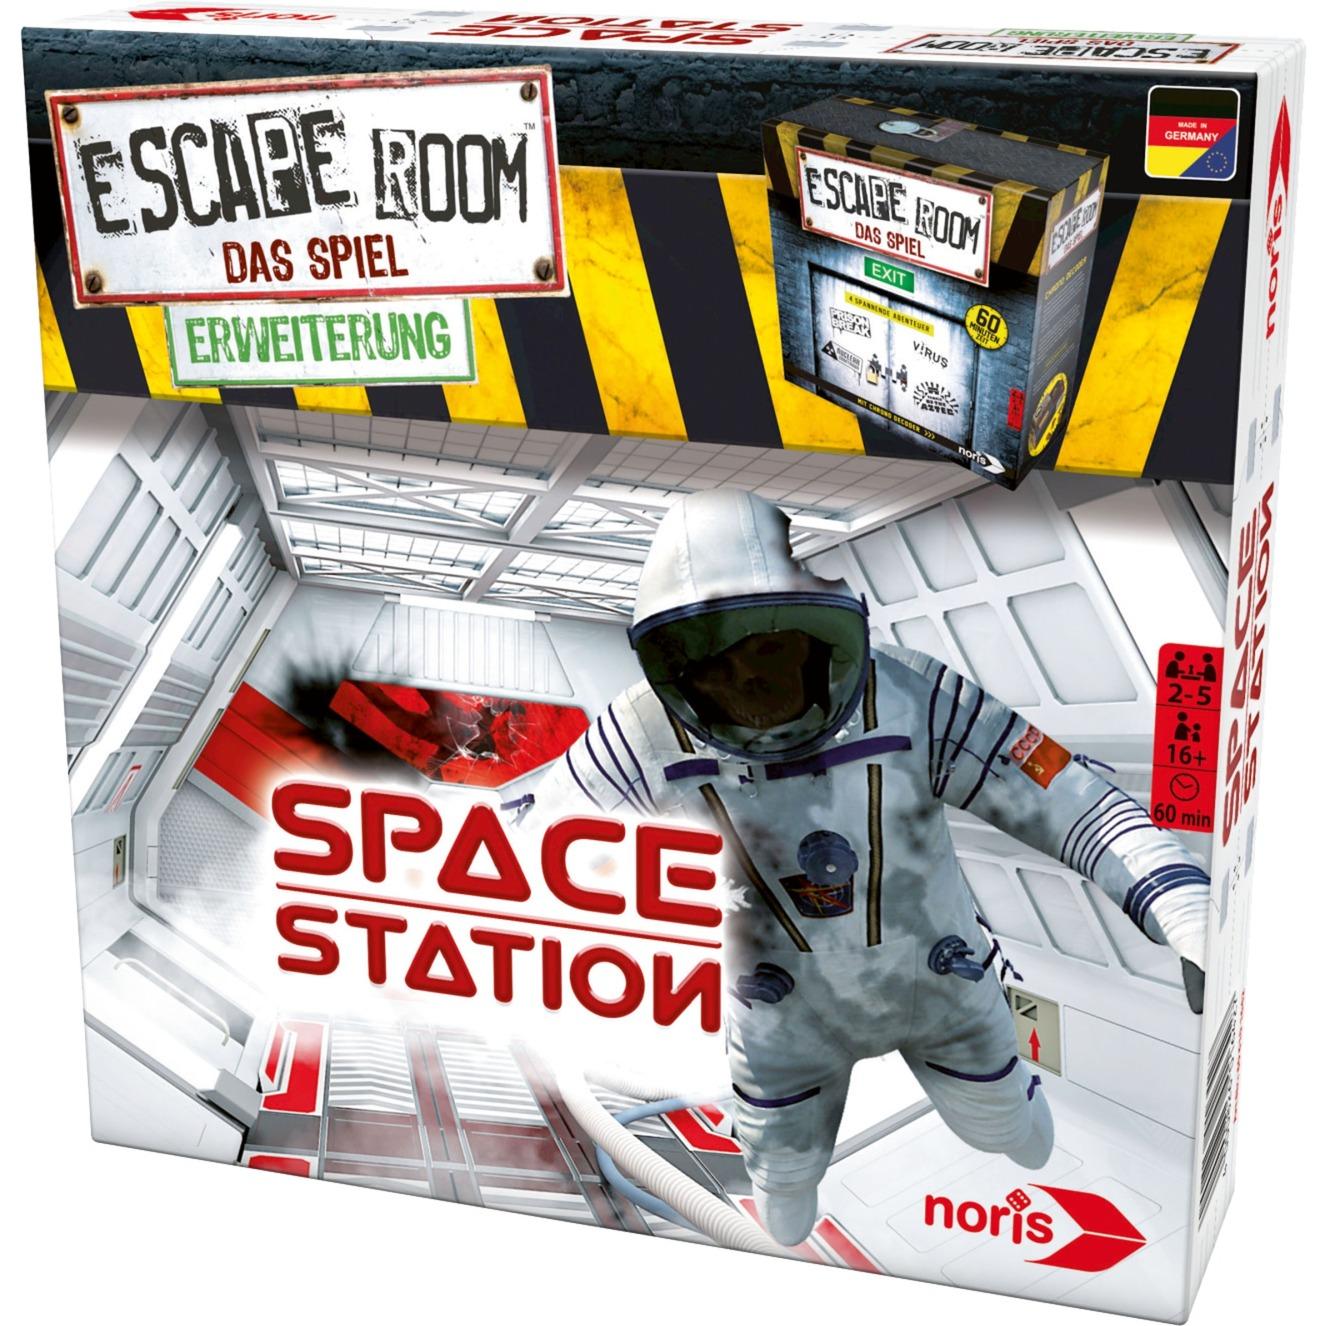 Escape Room Space Station Viajes/aventuras Niños y adultos, Juegos de fiestas